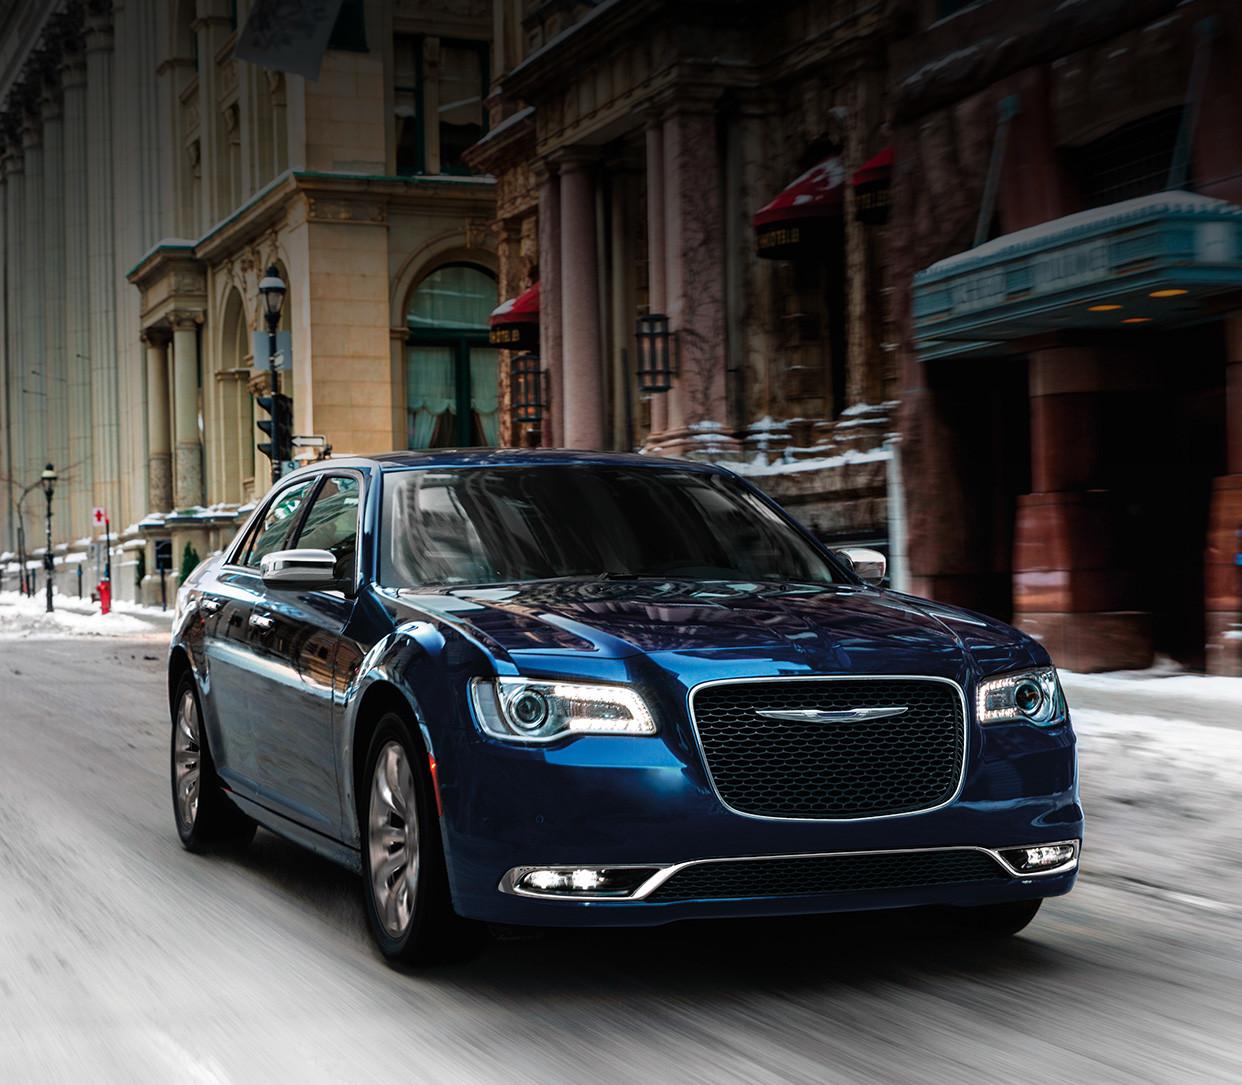 2020 Chrysler 300, Luxury Sedan | Chrysler Canada